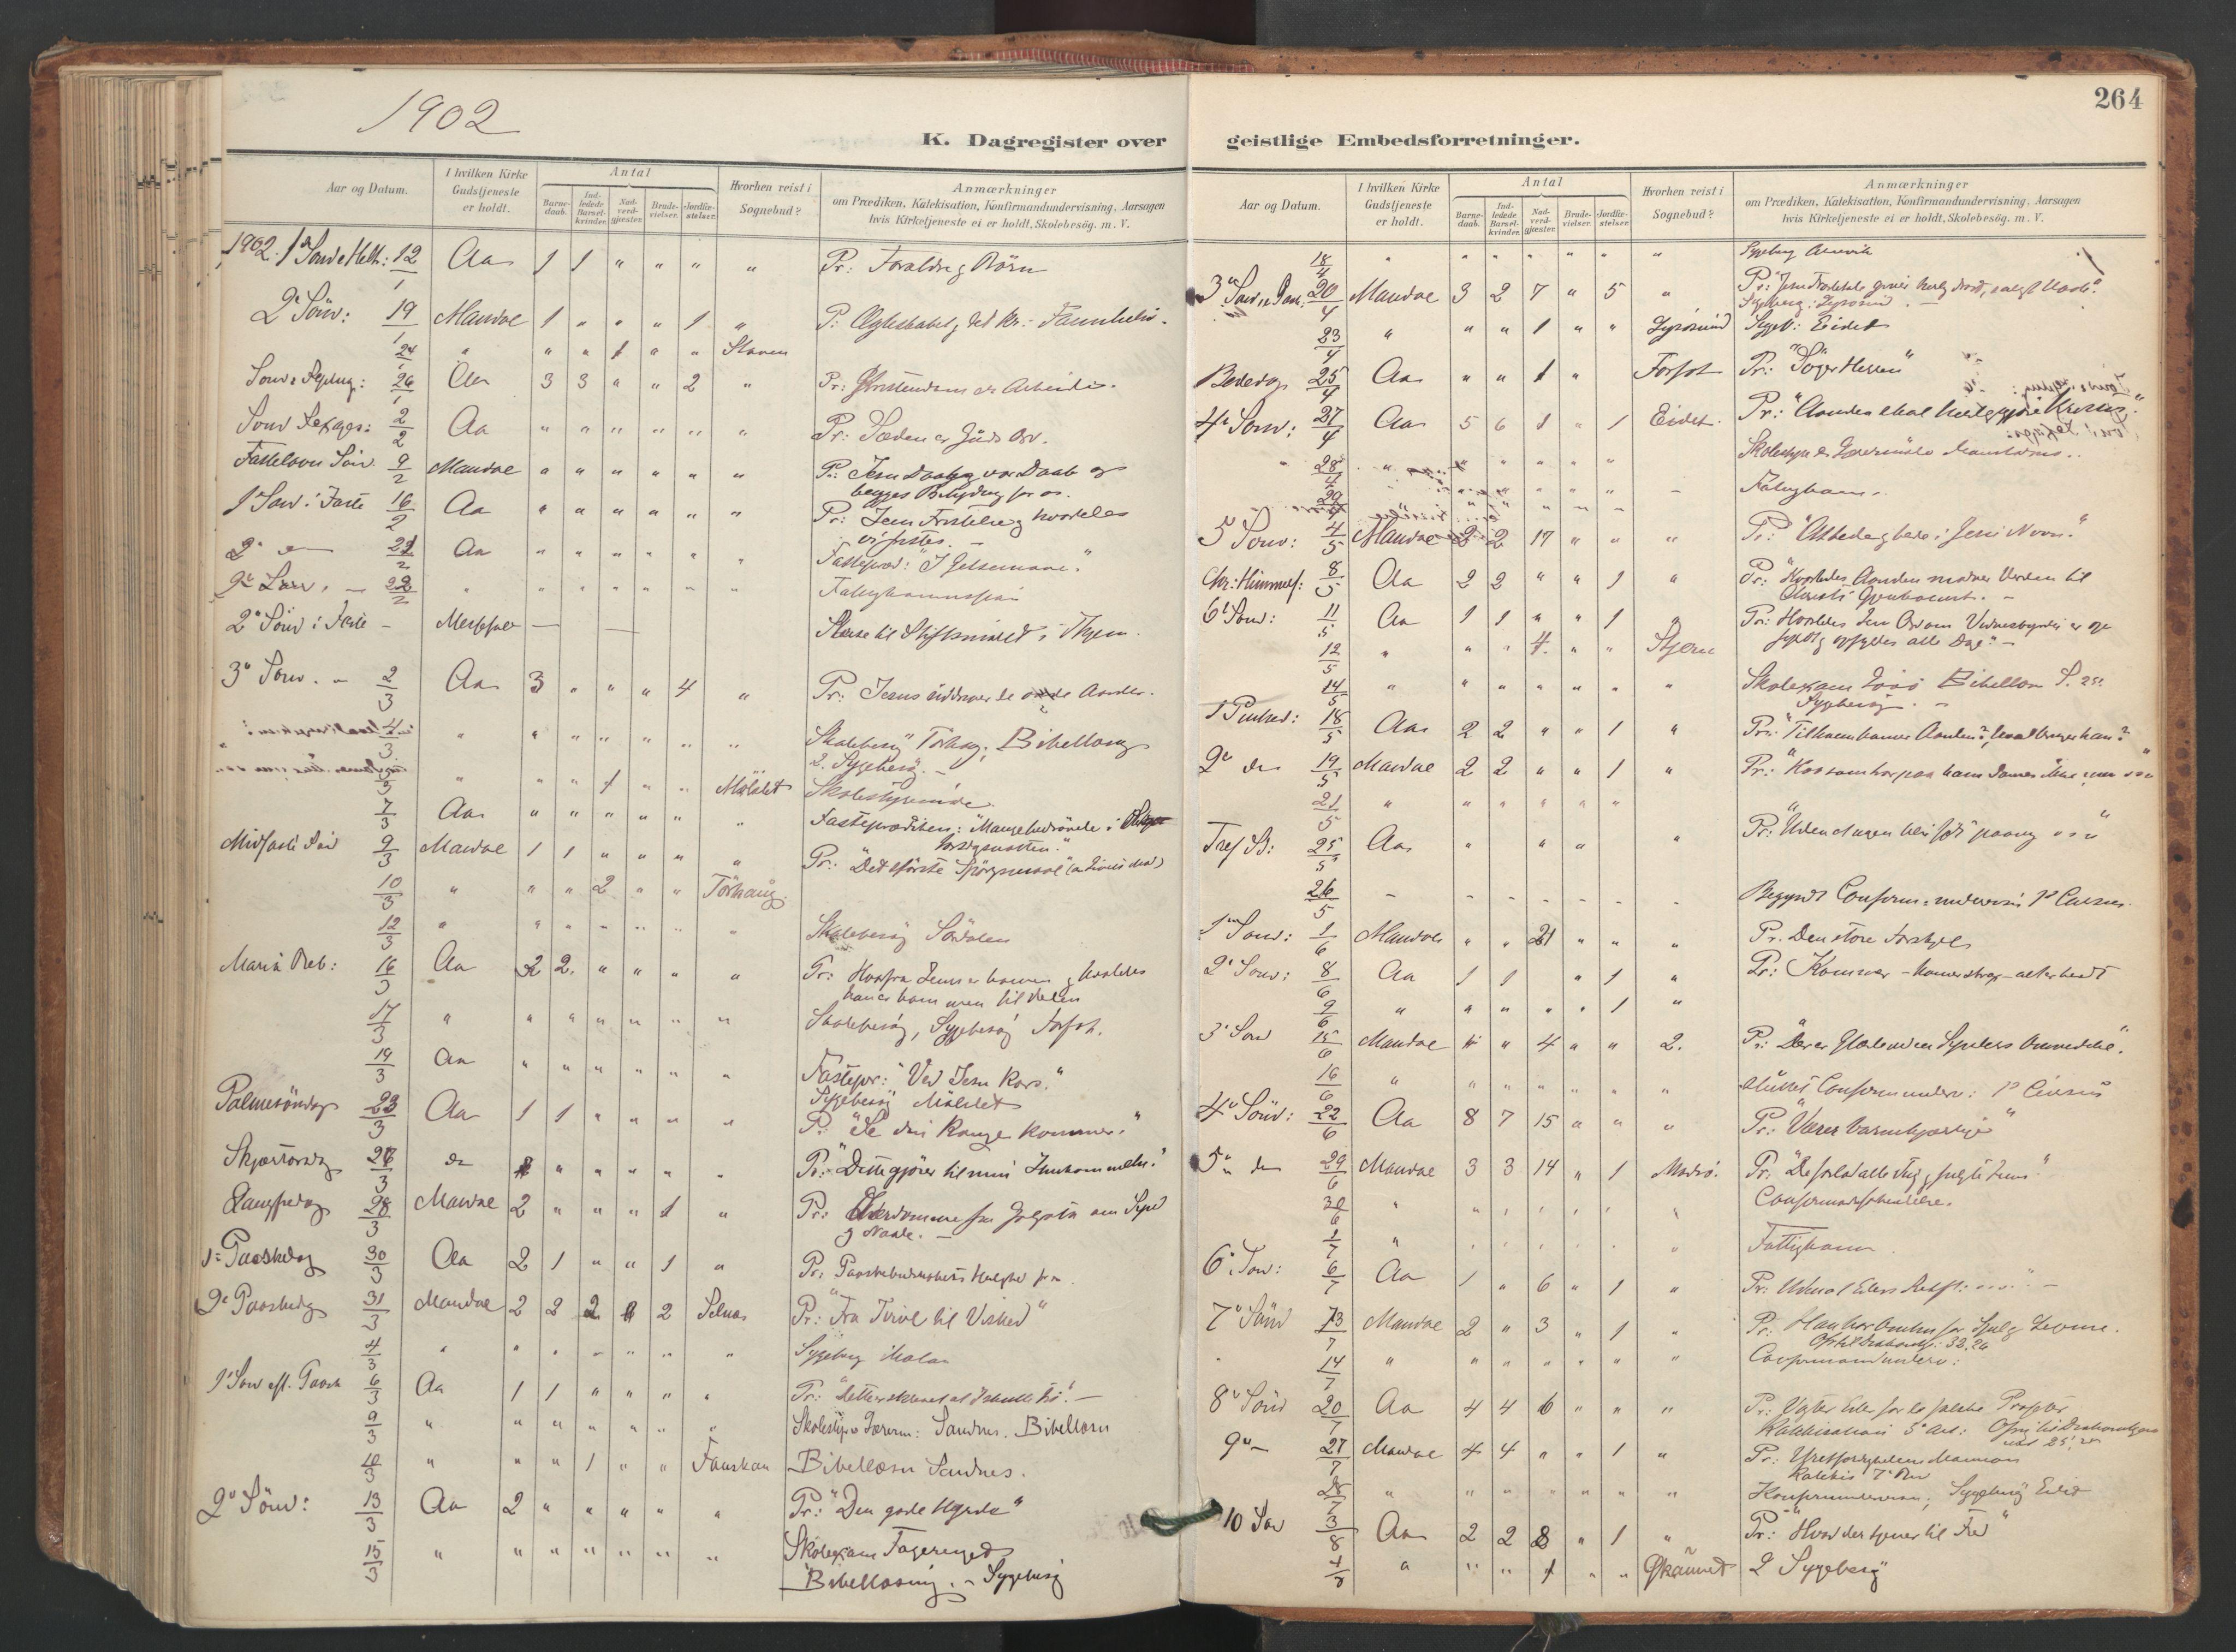 SAT, Ministerialprotokoller, klokkerbøker og fødselsregistre - Sør-Trøndelag, 655/L0681: Ministerialbok nr. 655A10, 1895-1907, s. 264